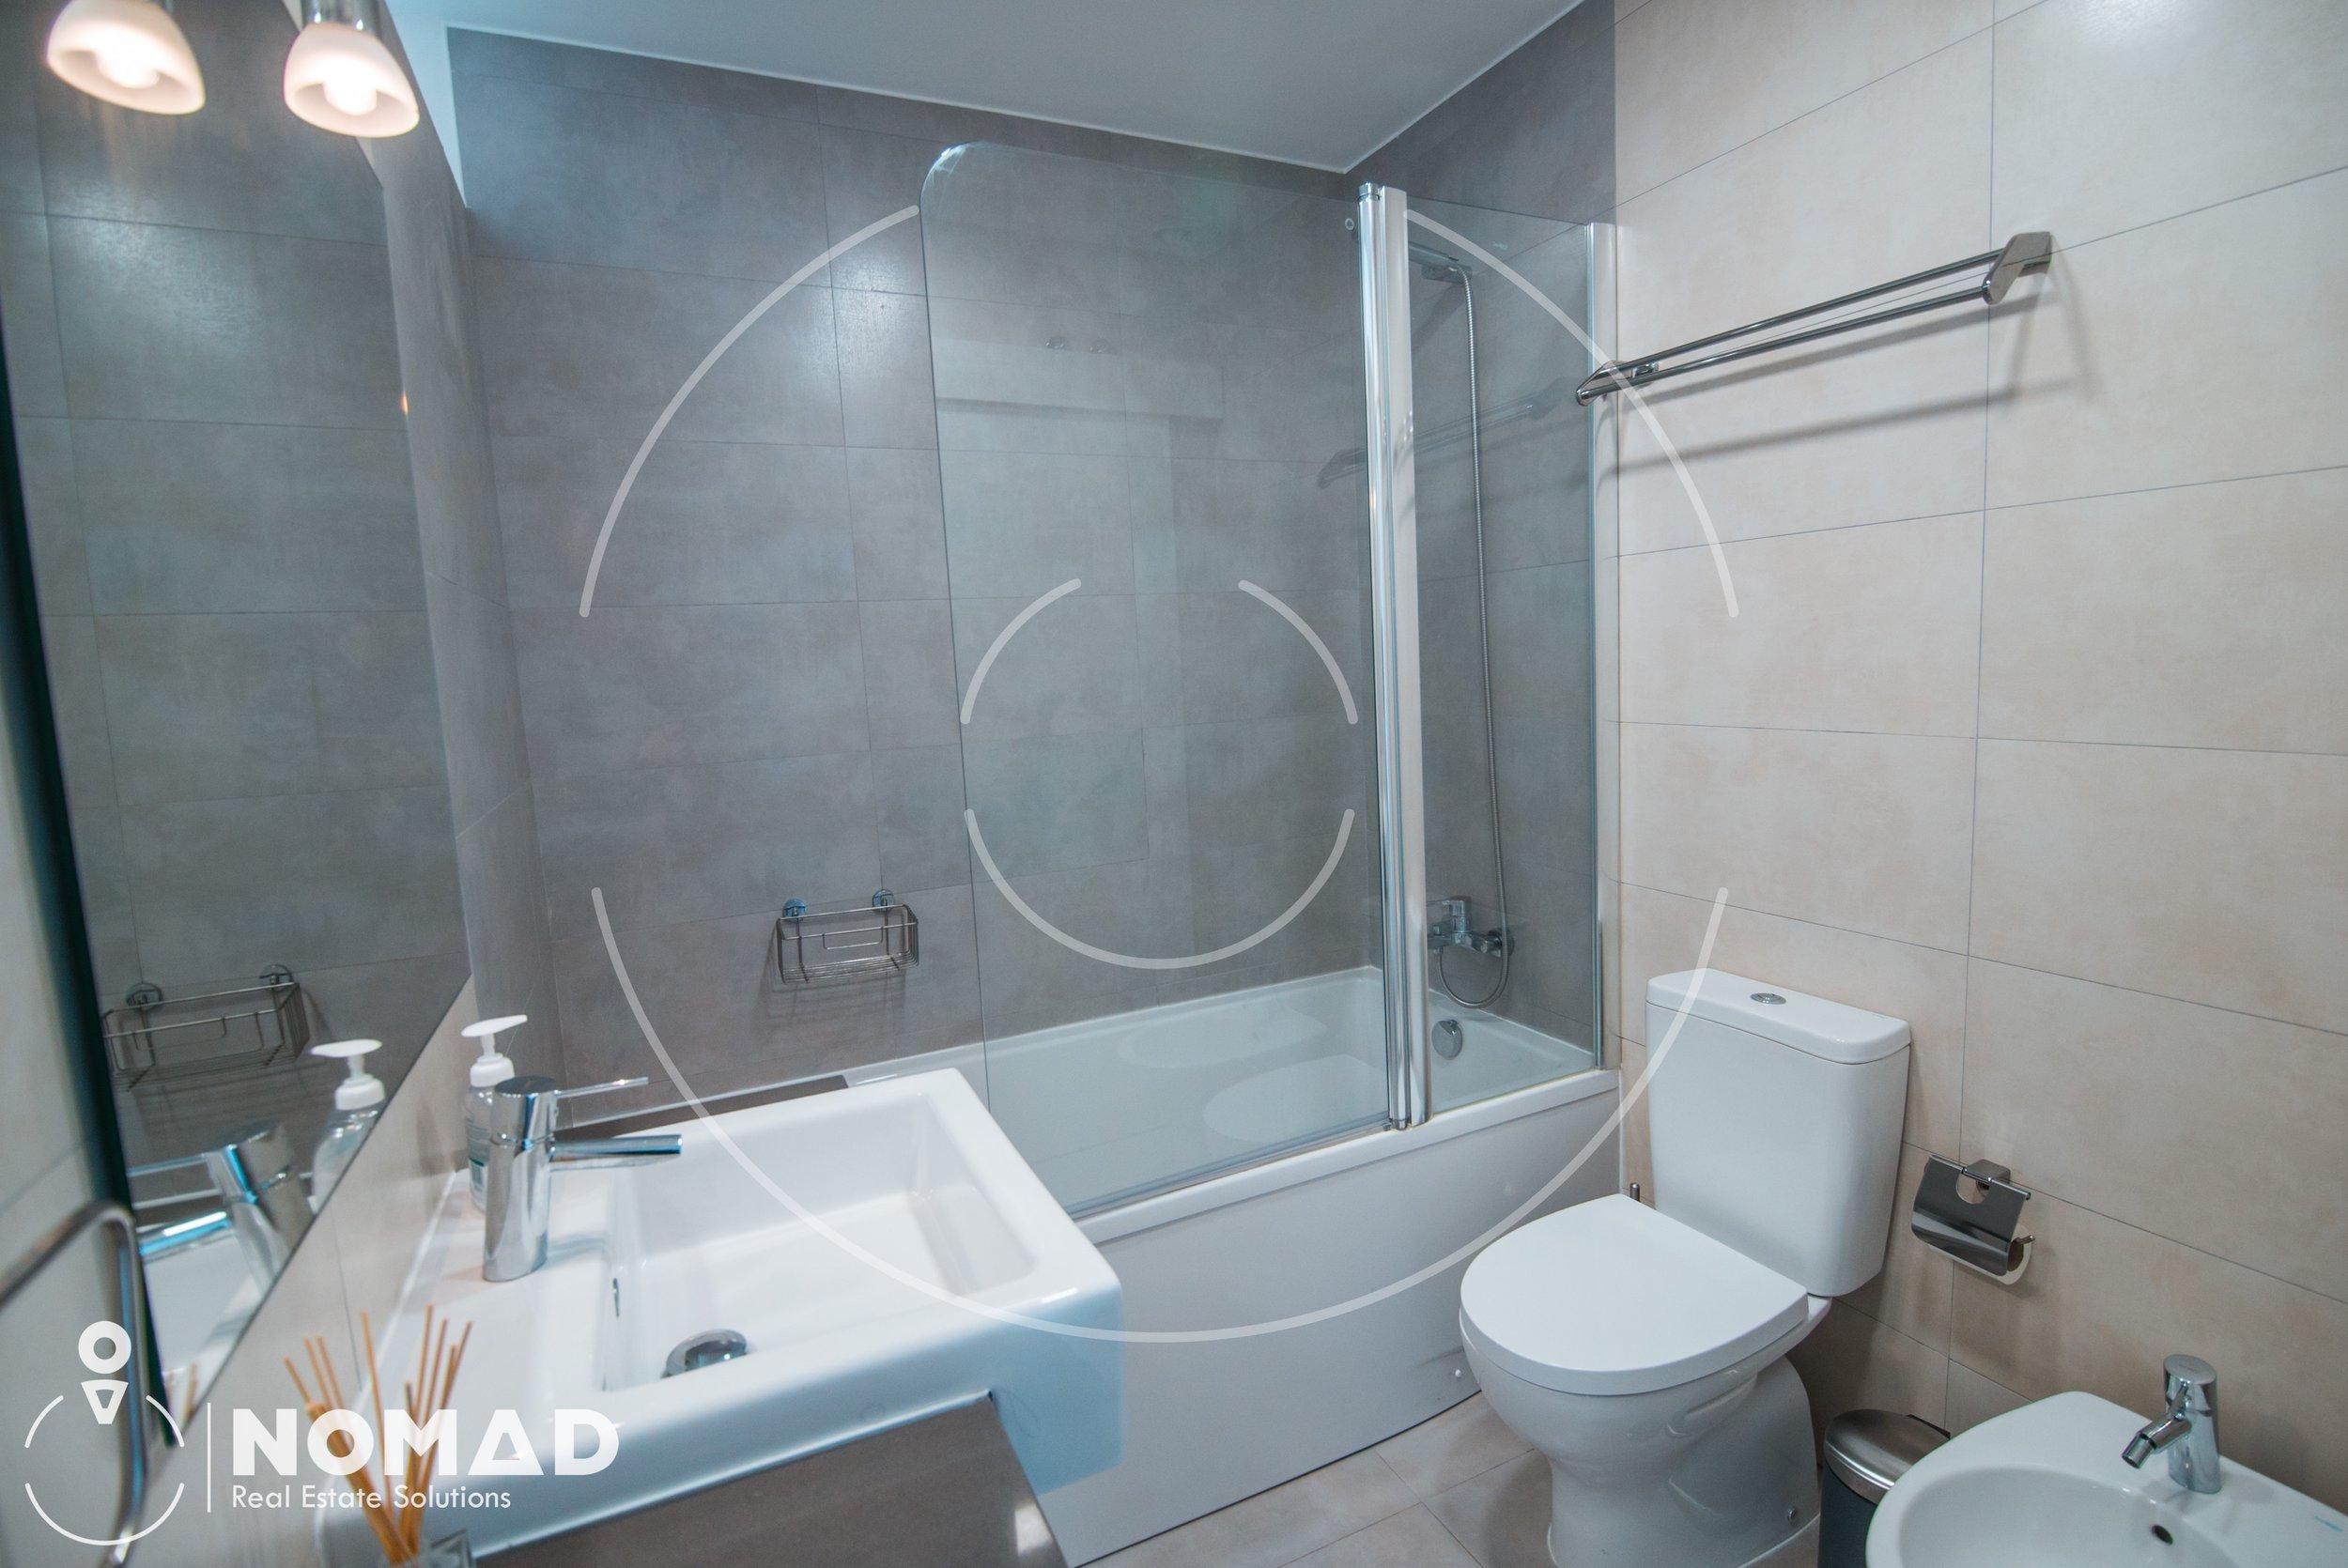 Outros detalhes - * Apartamento remodelado* Cozinha com ligação direta à sala* Cozinha Renovada